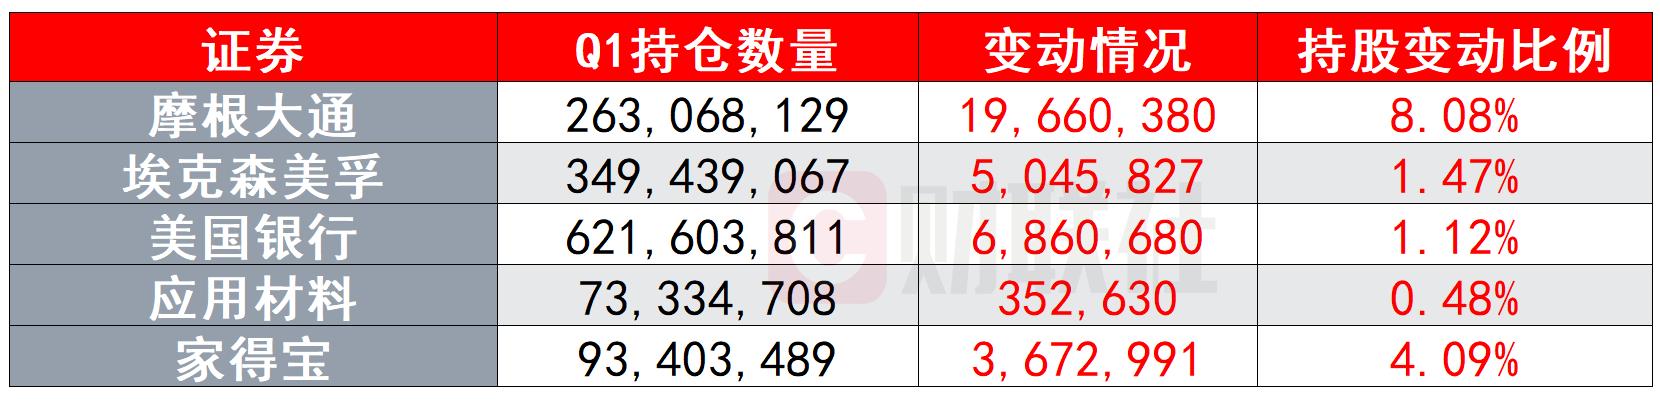 领航集团Q1持仓:增加顺周期筹码 抛售逾9成阿里股票